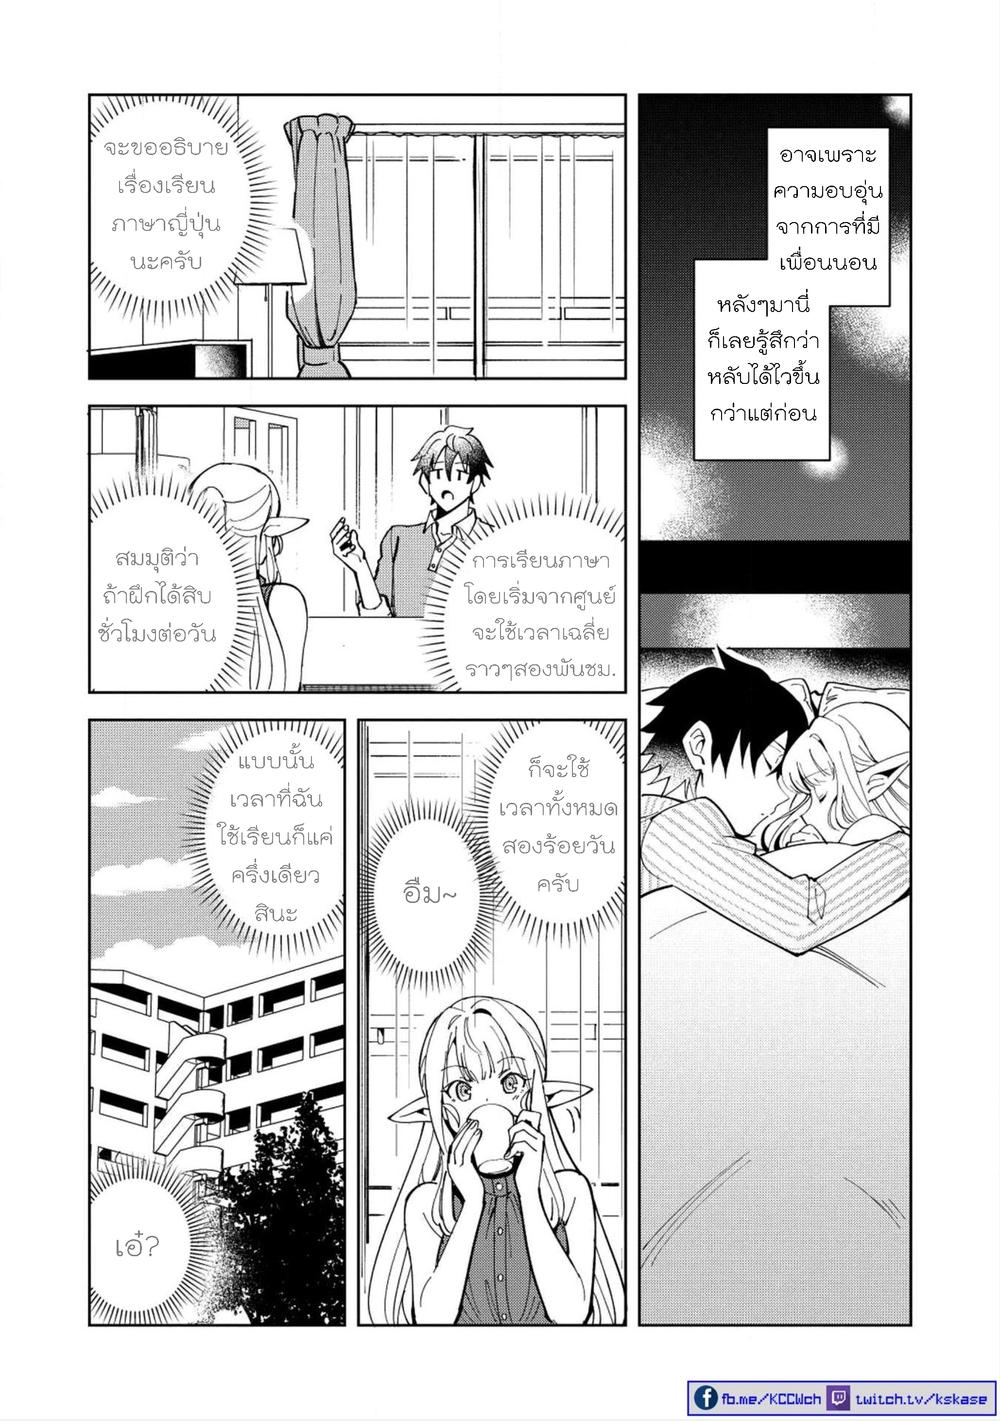 อ่านการ์ตูน Nihon e Youkoso Elf san ตอนที่ 6 หน้าที่ 20